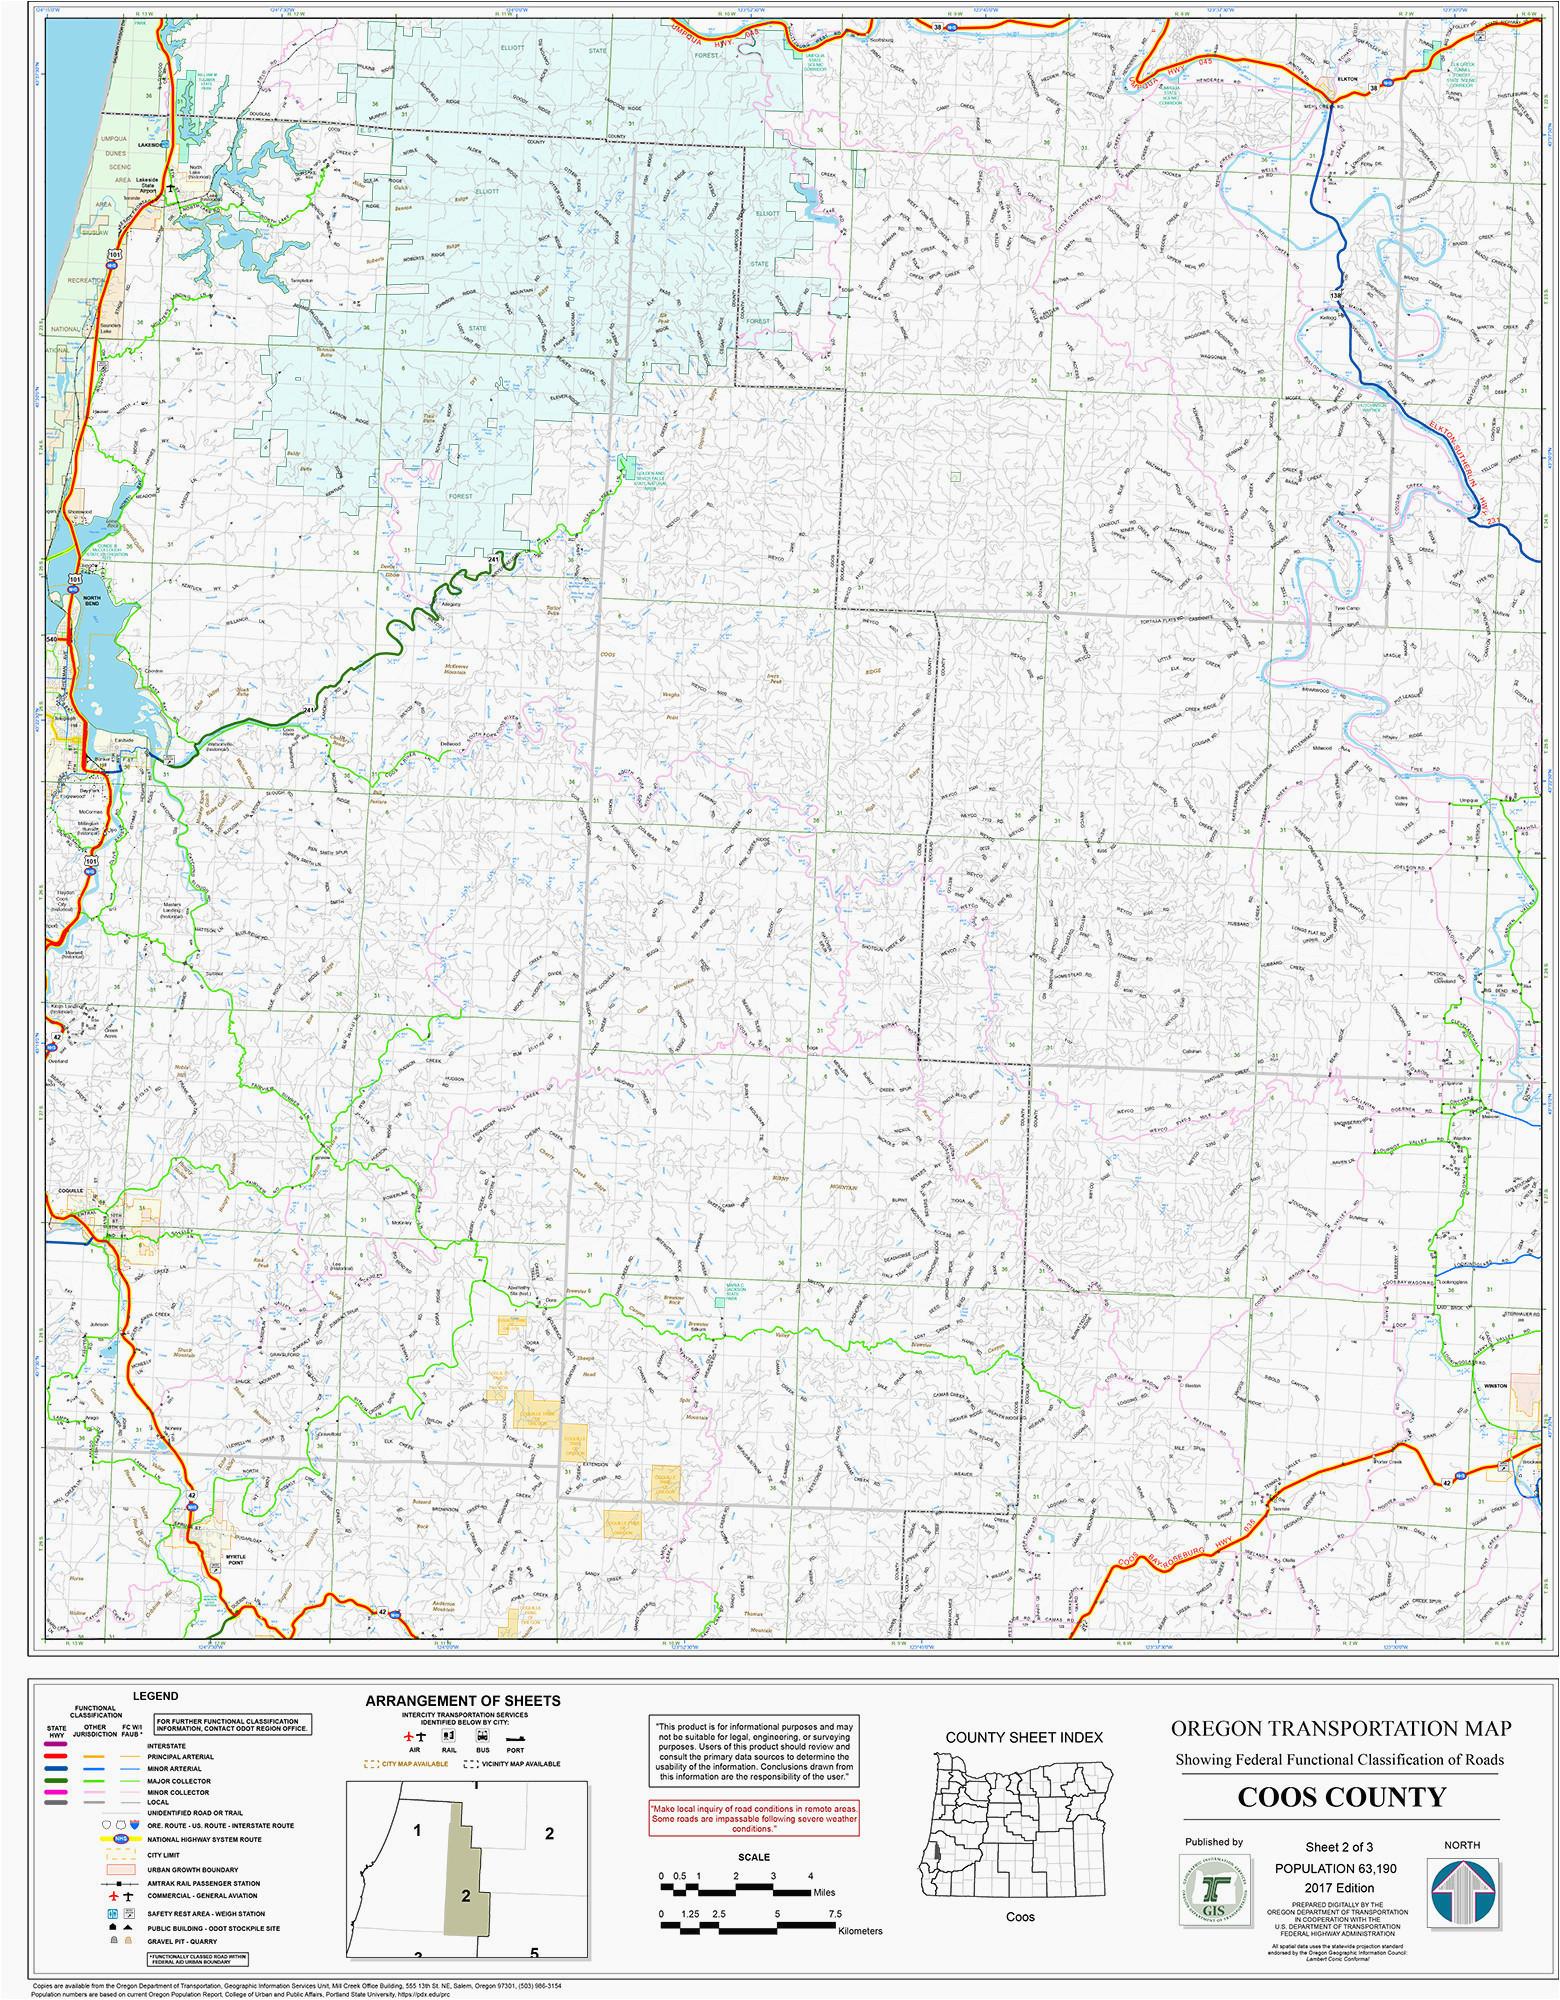 Akron Ohio Map Google Google Maps Akron Ohio Secretmuseum ... on map of akron ohio, bing akron ohio, flickr akron ohio, google map akron oh, city ward map akron ohio, facebook akron ohio, mapquest akron ohio, canton ohio, bret taylor akron ohio, google map cincinnati ohio, google map zanesville ohio, weather akron ohio,